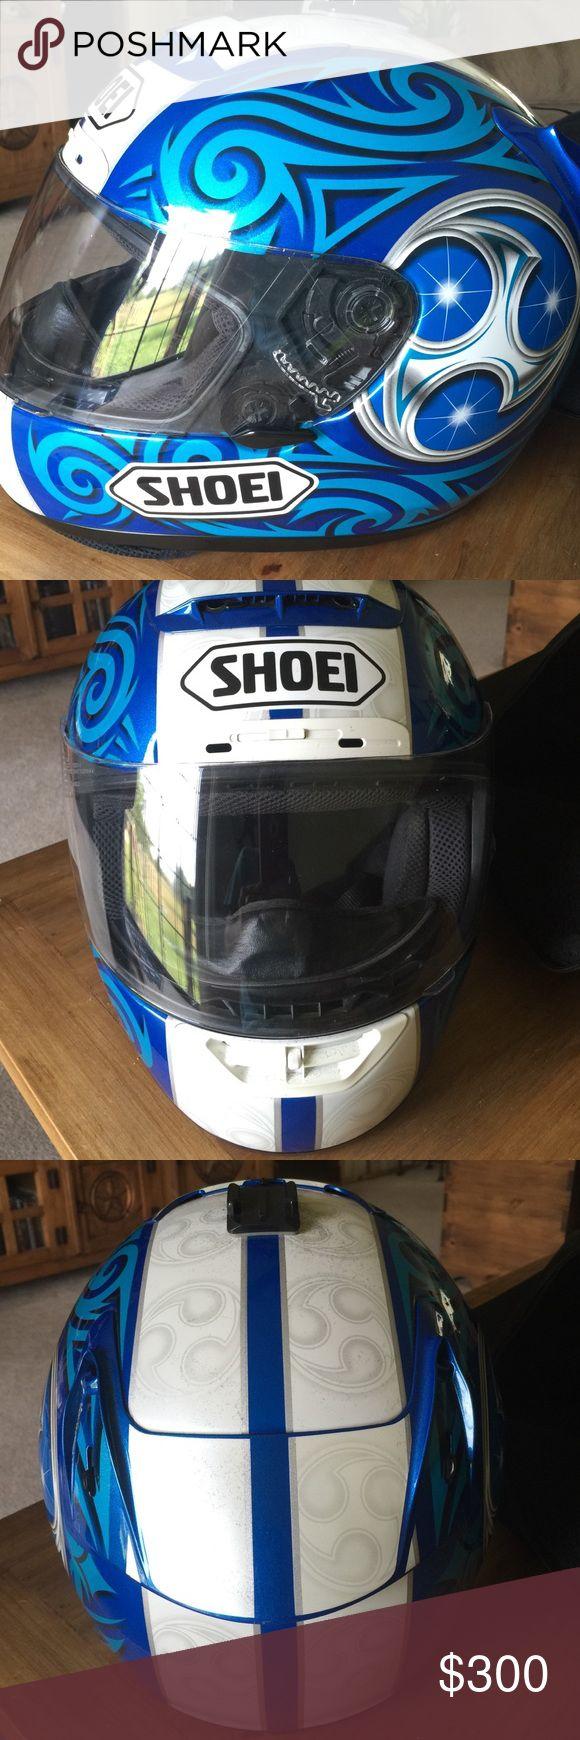 Shoei Helmet Motorcycle Helmet large(7 3/8-7 1/2) Shoei Helmet Other